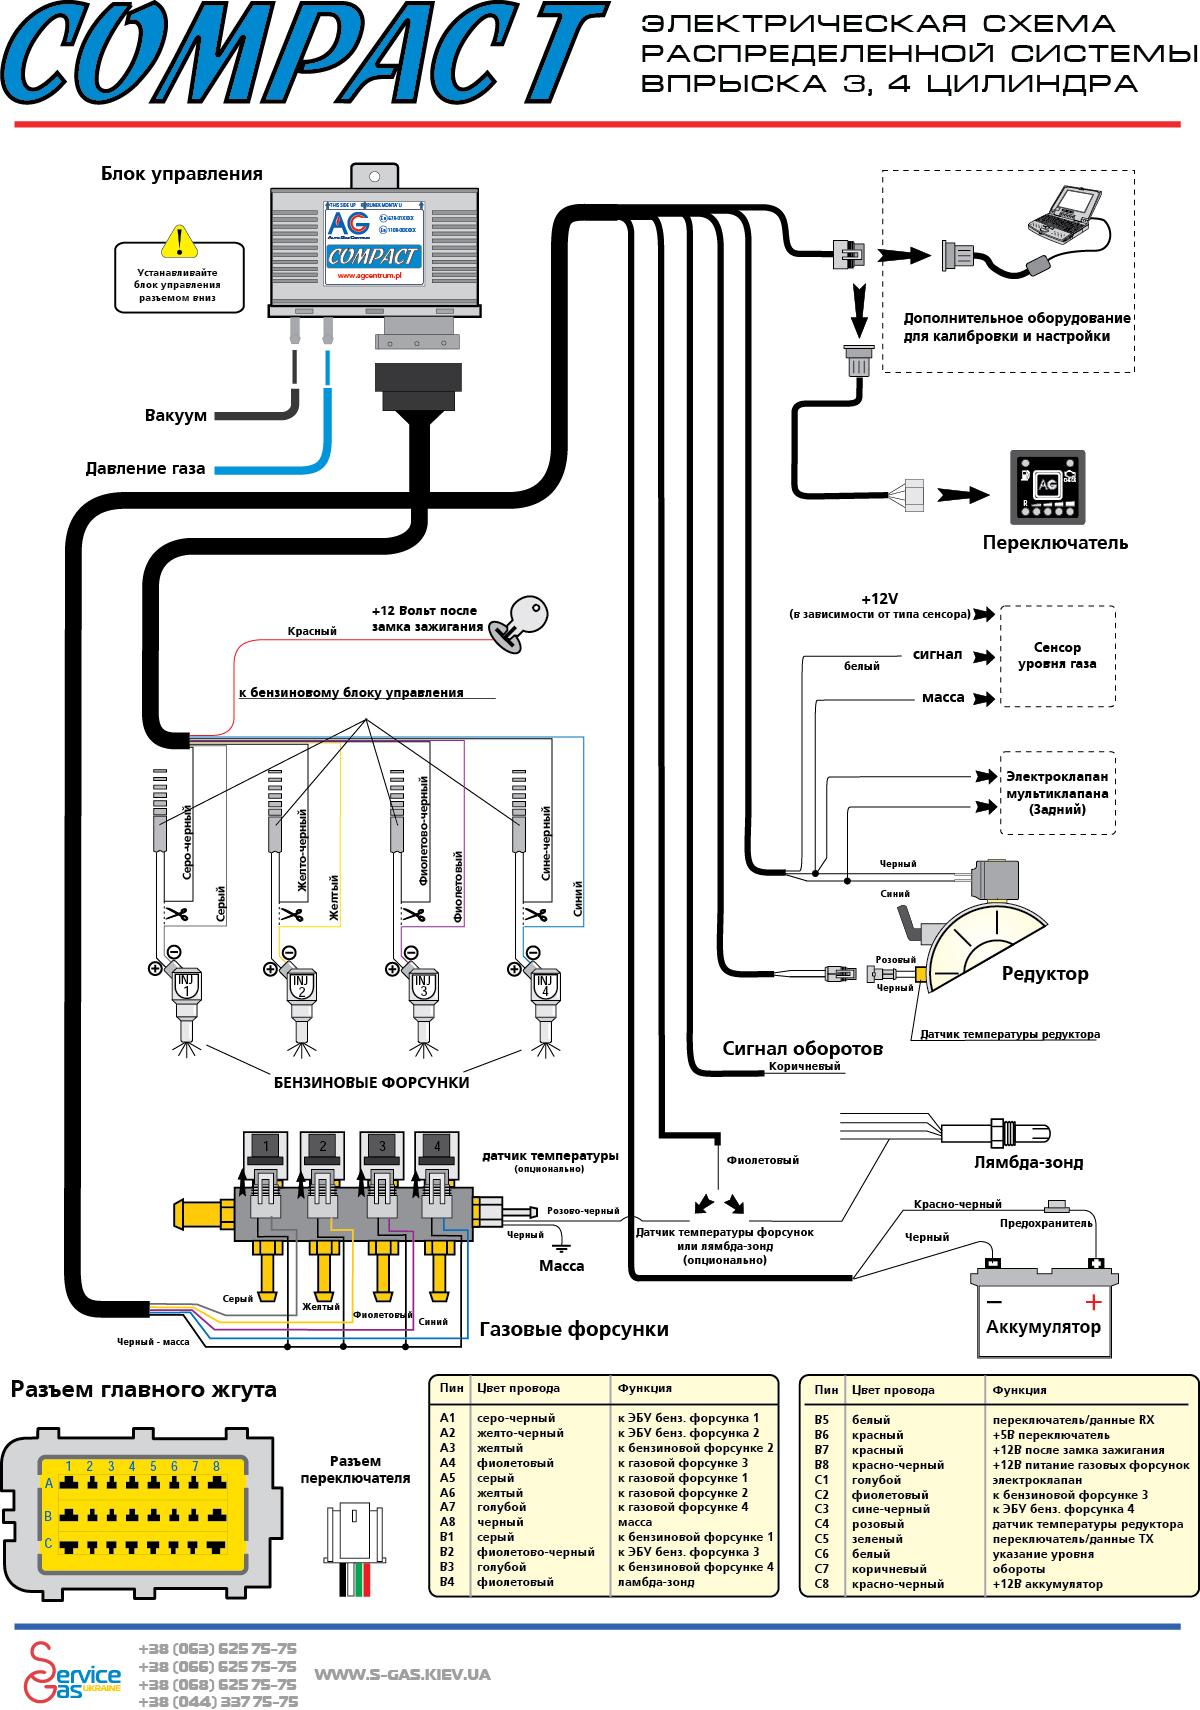 Схема подключения газового оборудования 2 поколения ловато